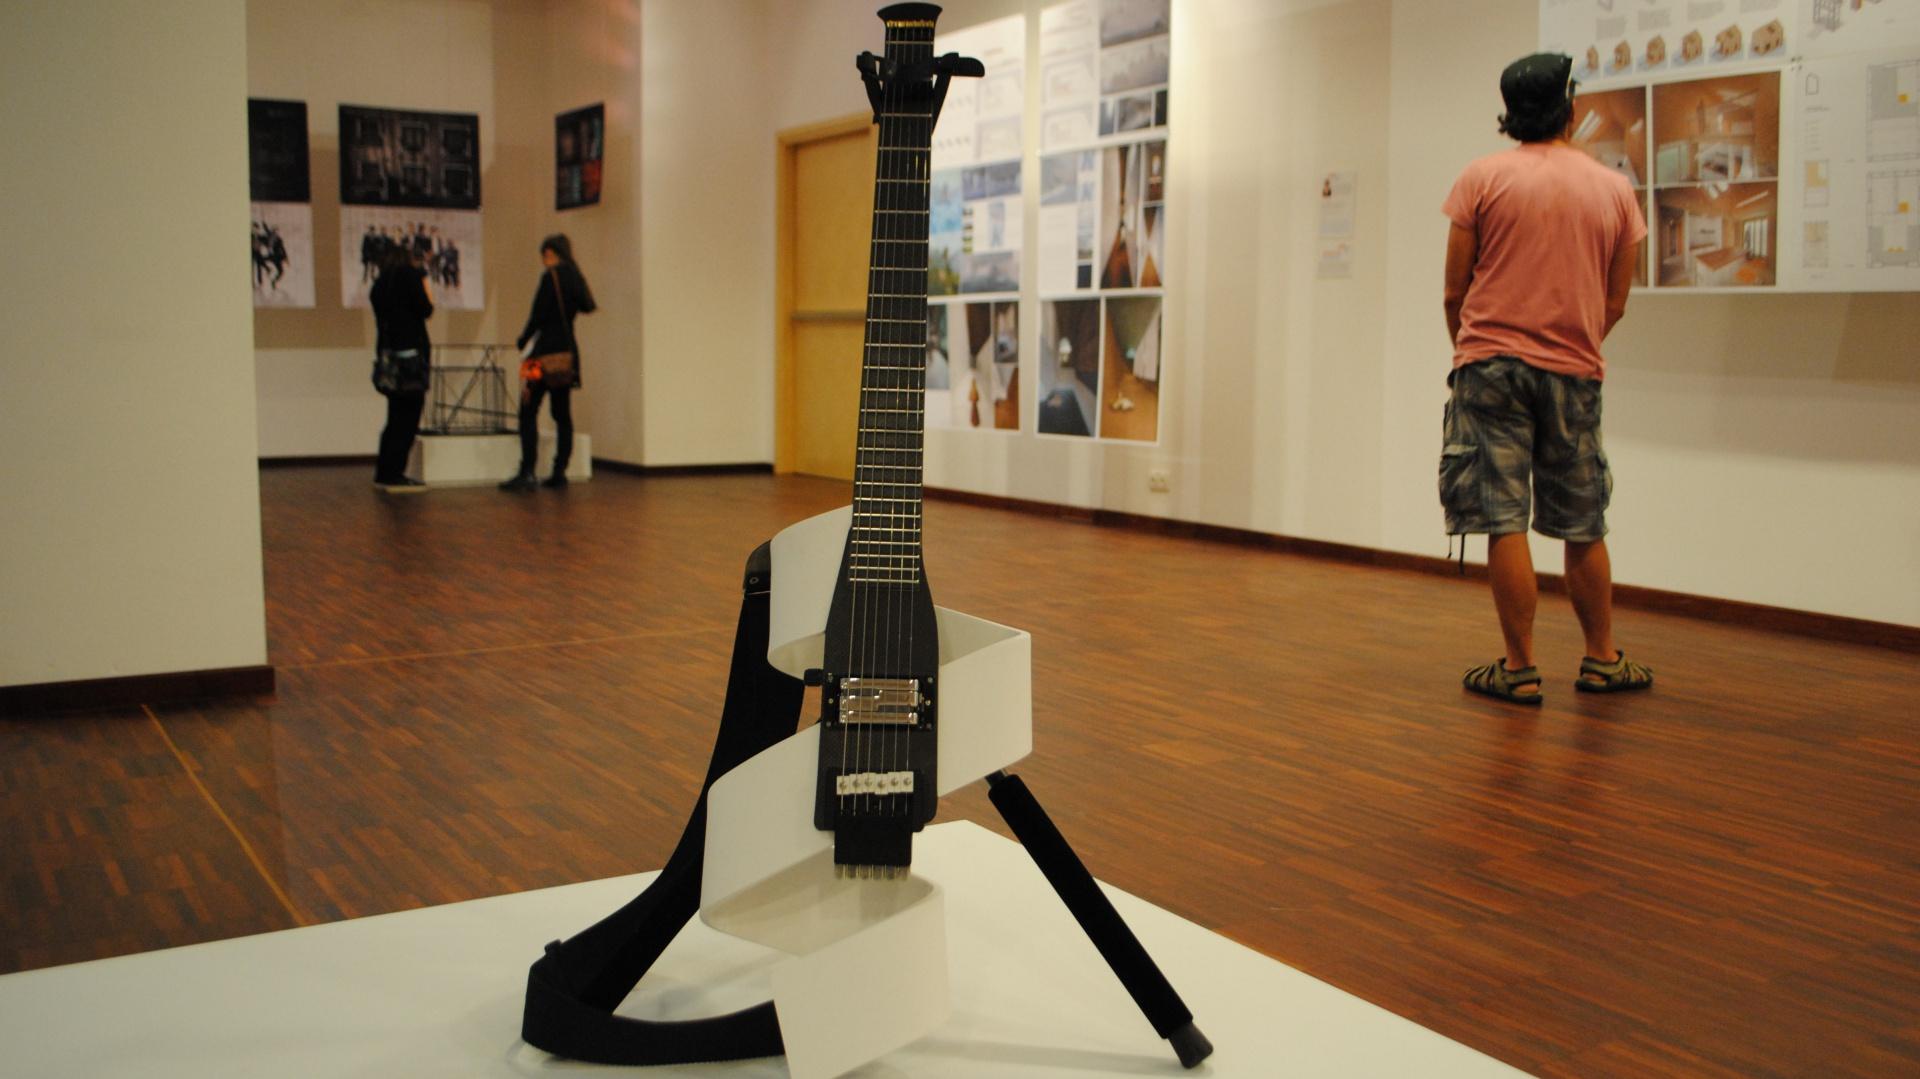 Zmiana charakteru przedmiotu - gitara elektryczna. Praca dyplomowa, magisterska Magdaleny Radeckiej. Fot. Piotr Sawczuk